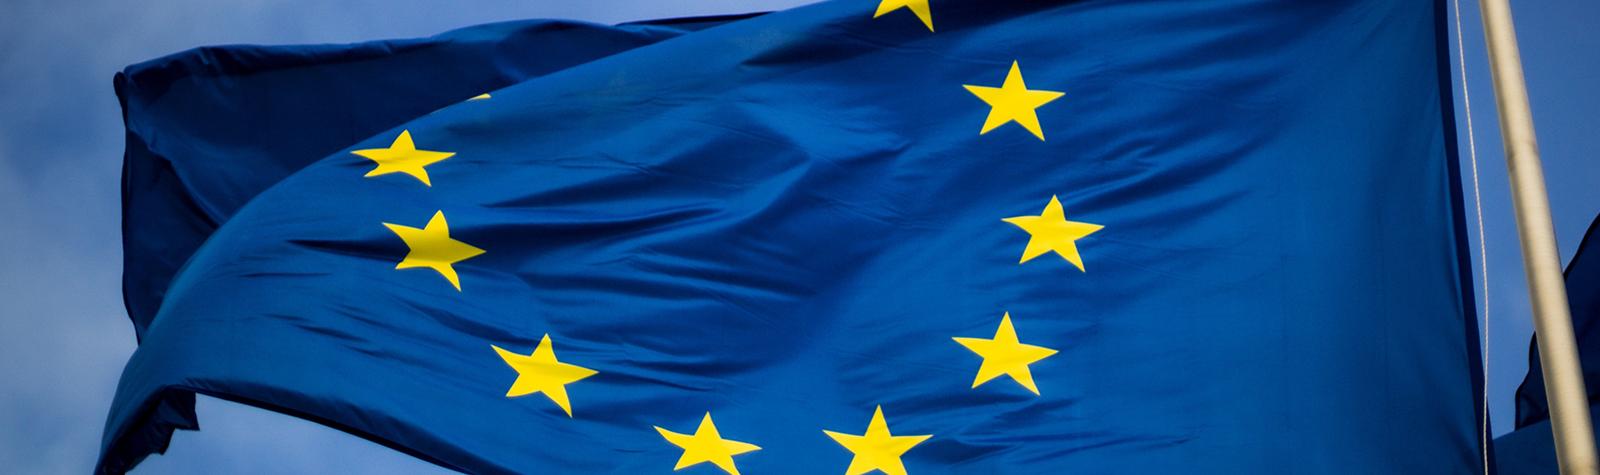 Los Fondos de Recuperación y Resiliencia de la UE